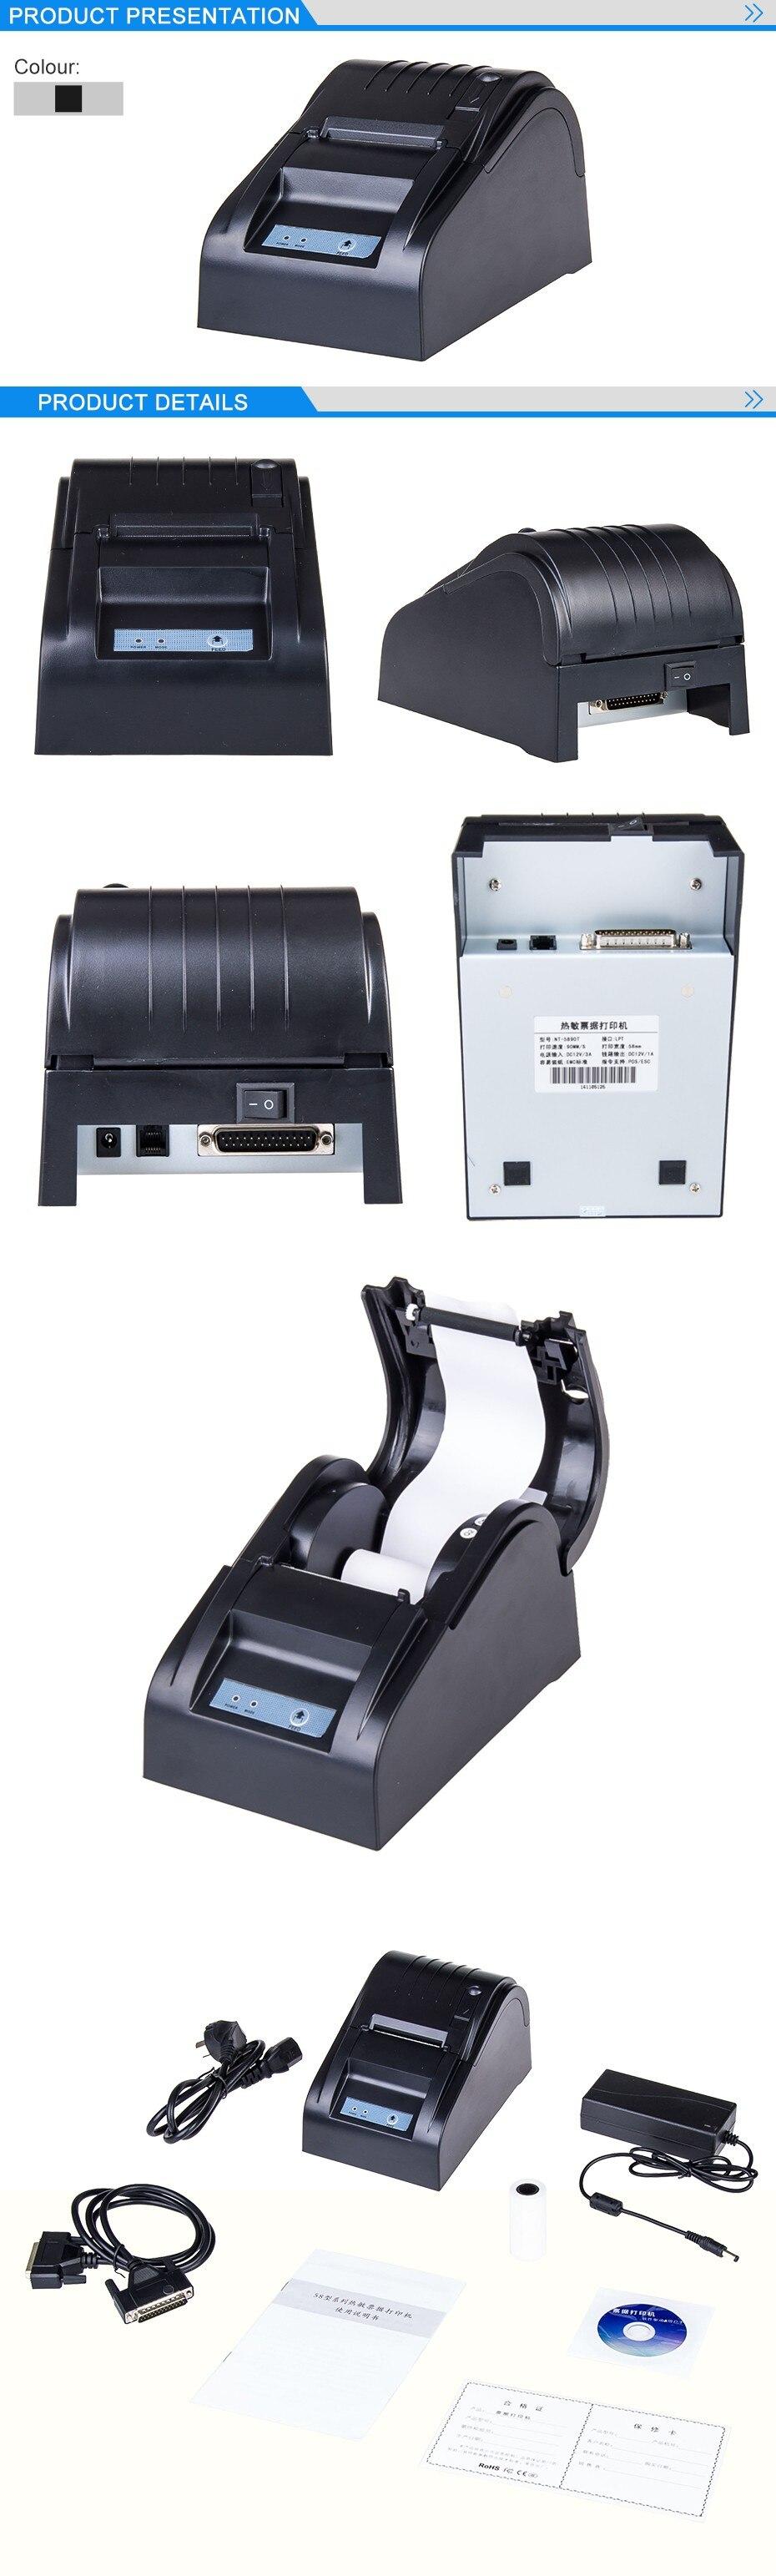 t rs232 porto impressora de recibos pos portátil